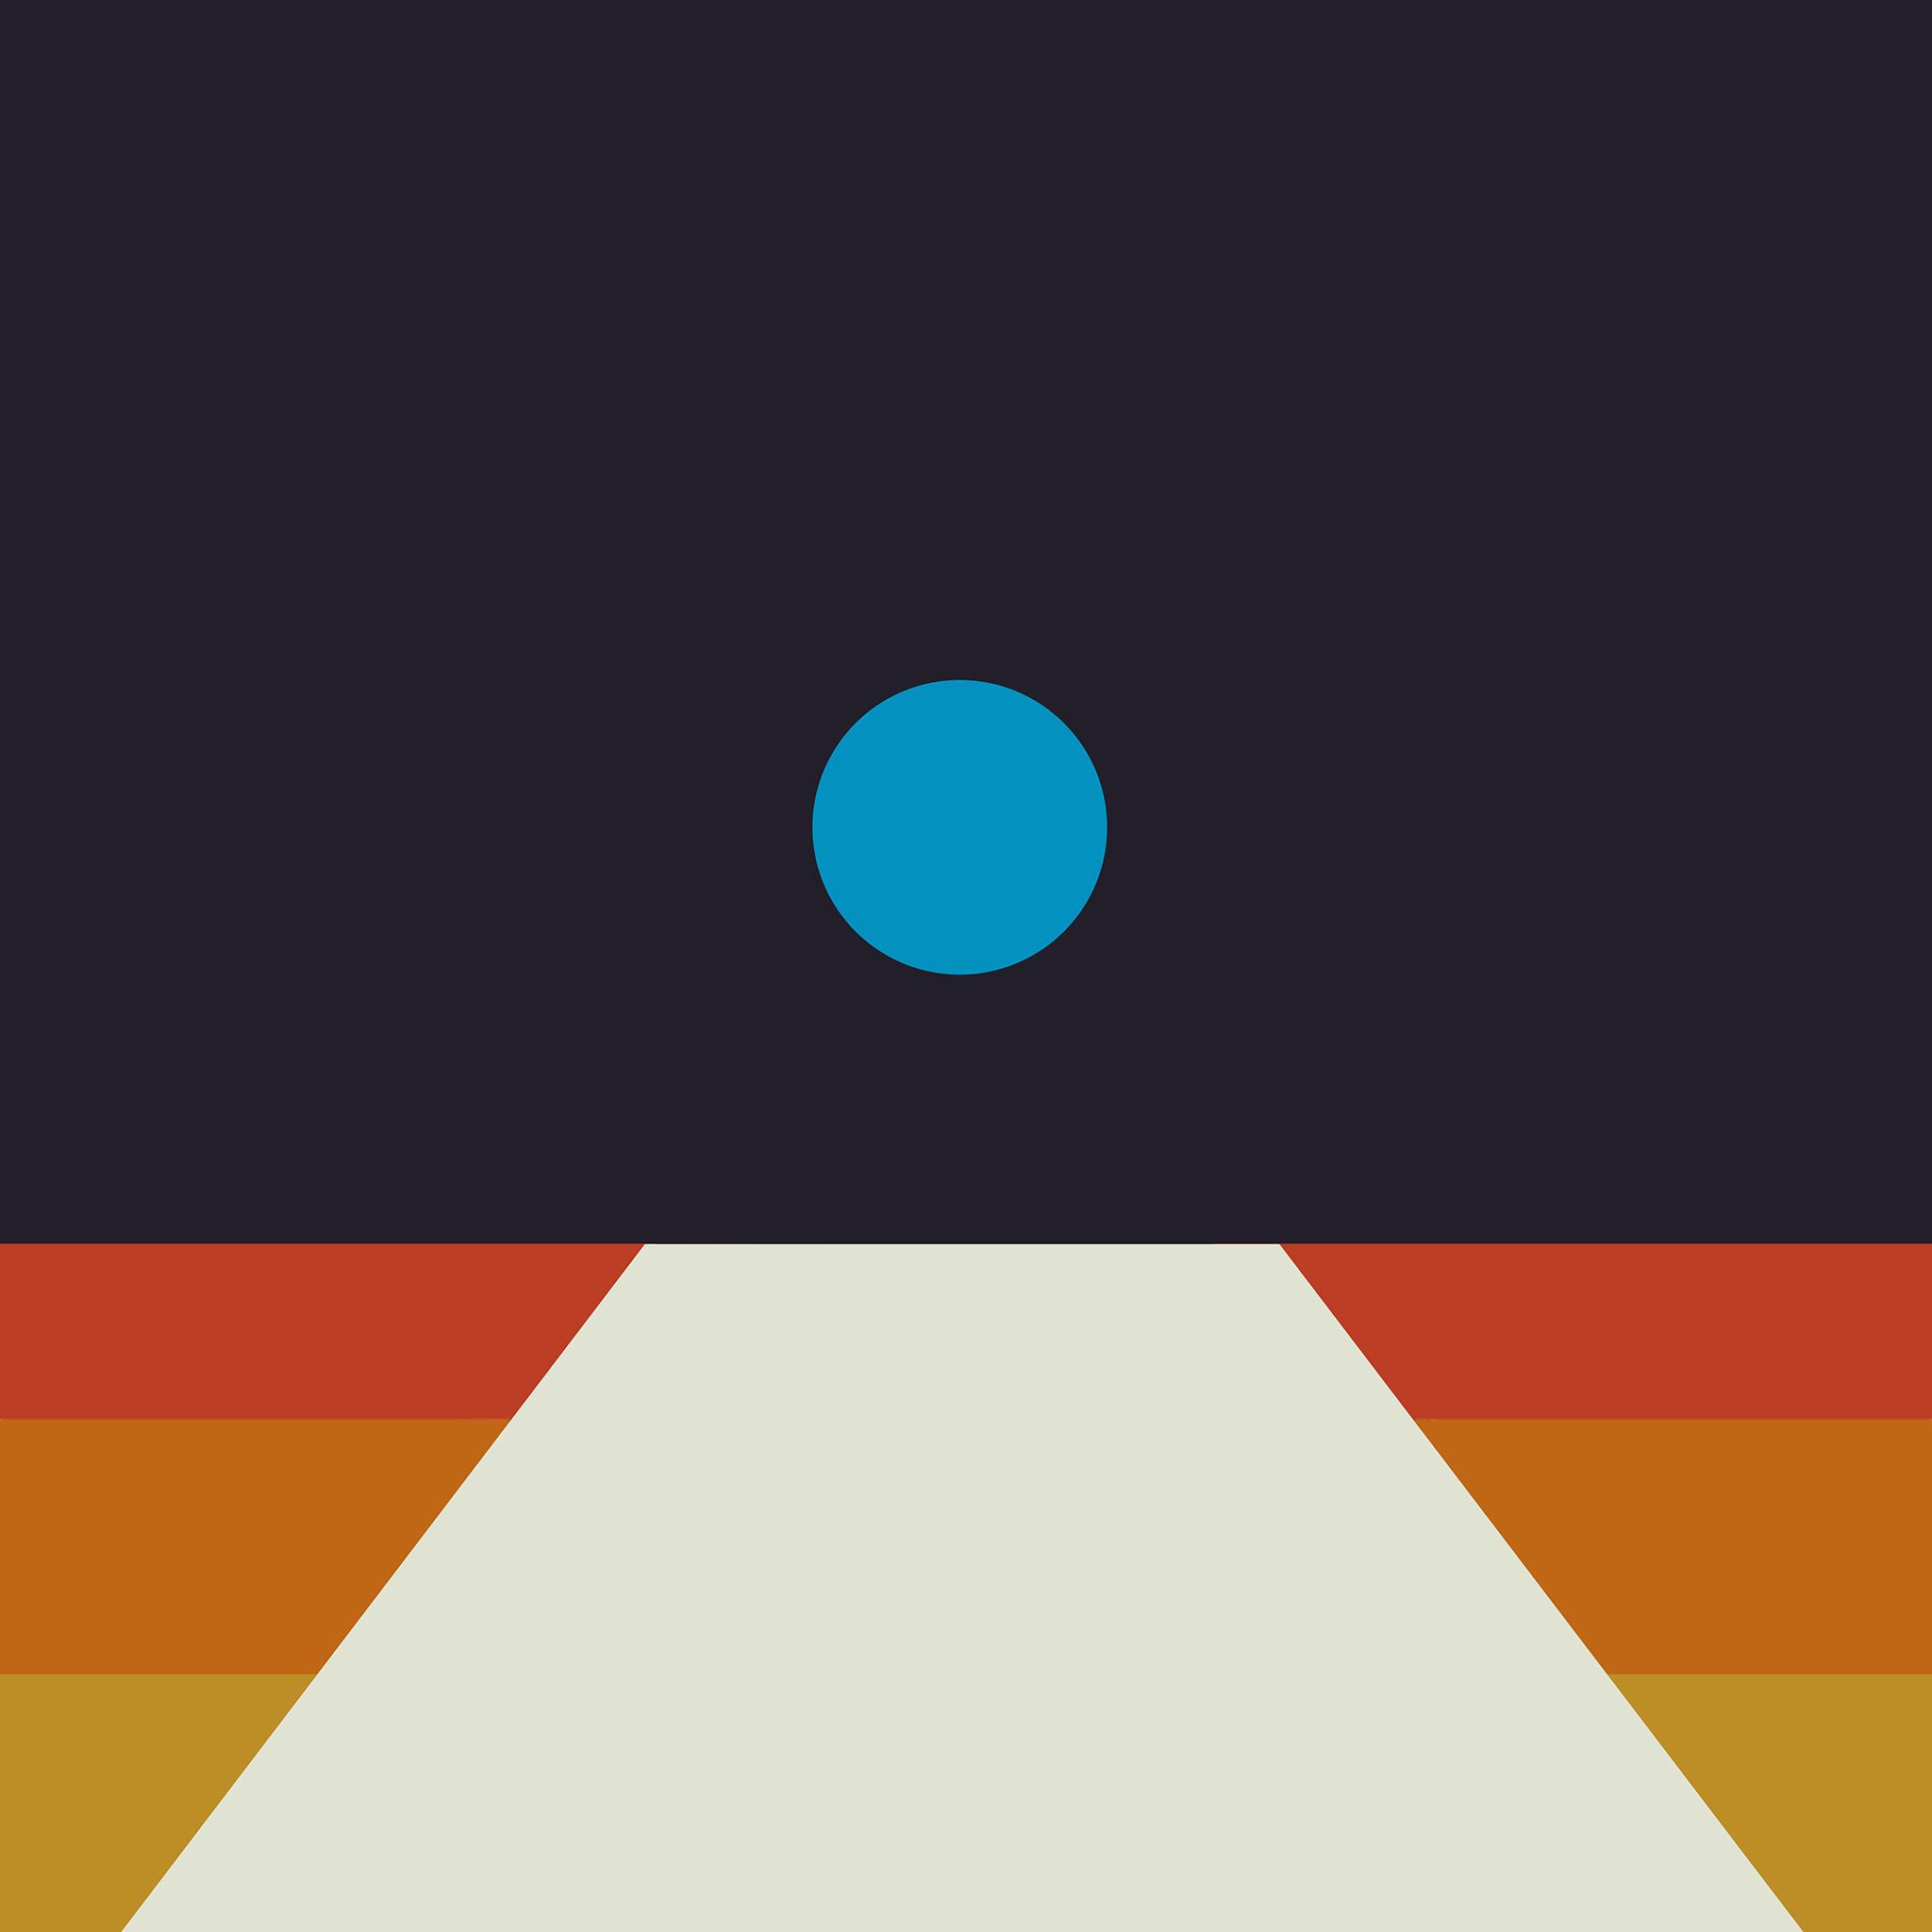 Av63 tycho art blue illustration art abstract minimal for Minimal art essay